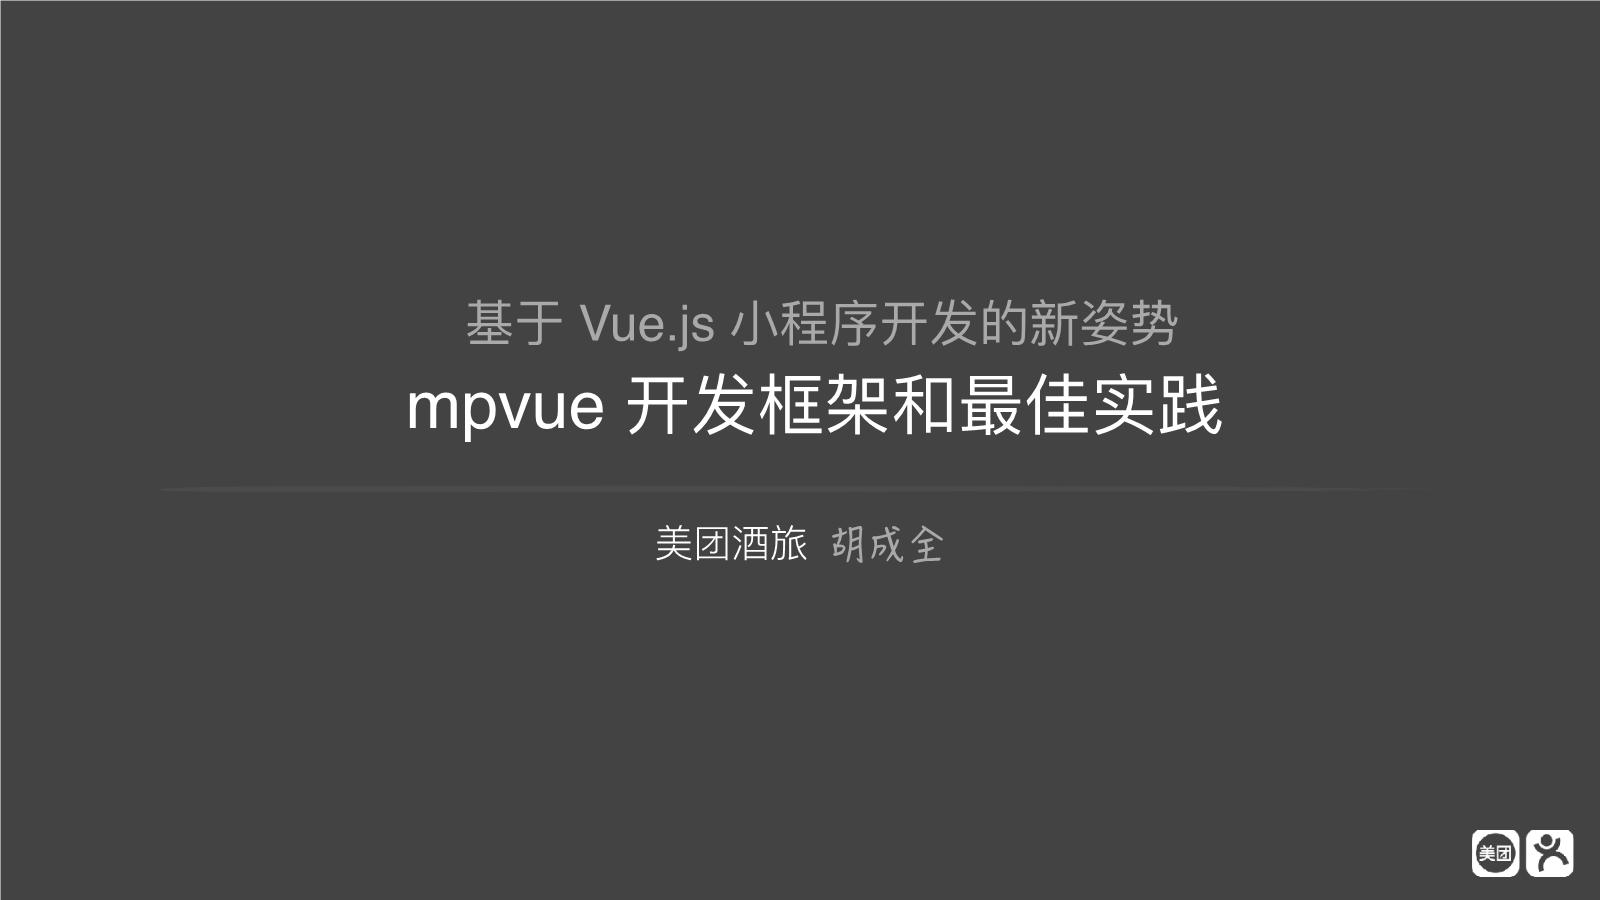 胡成全-小程序开发的新姿势  mpvue开发框架和最佳实践